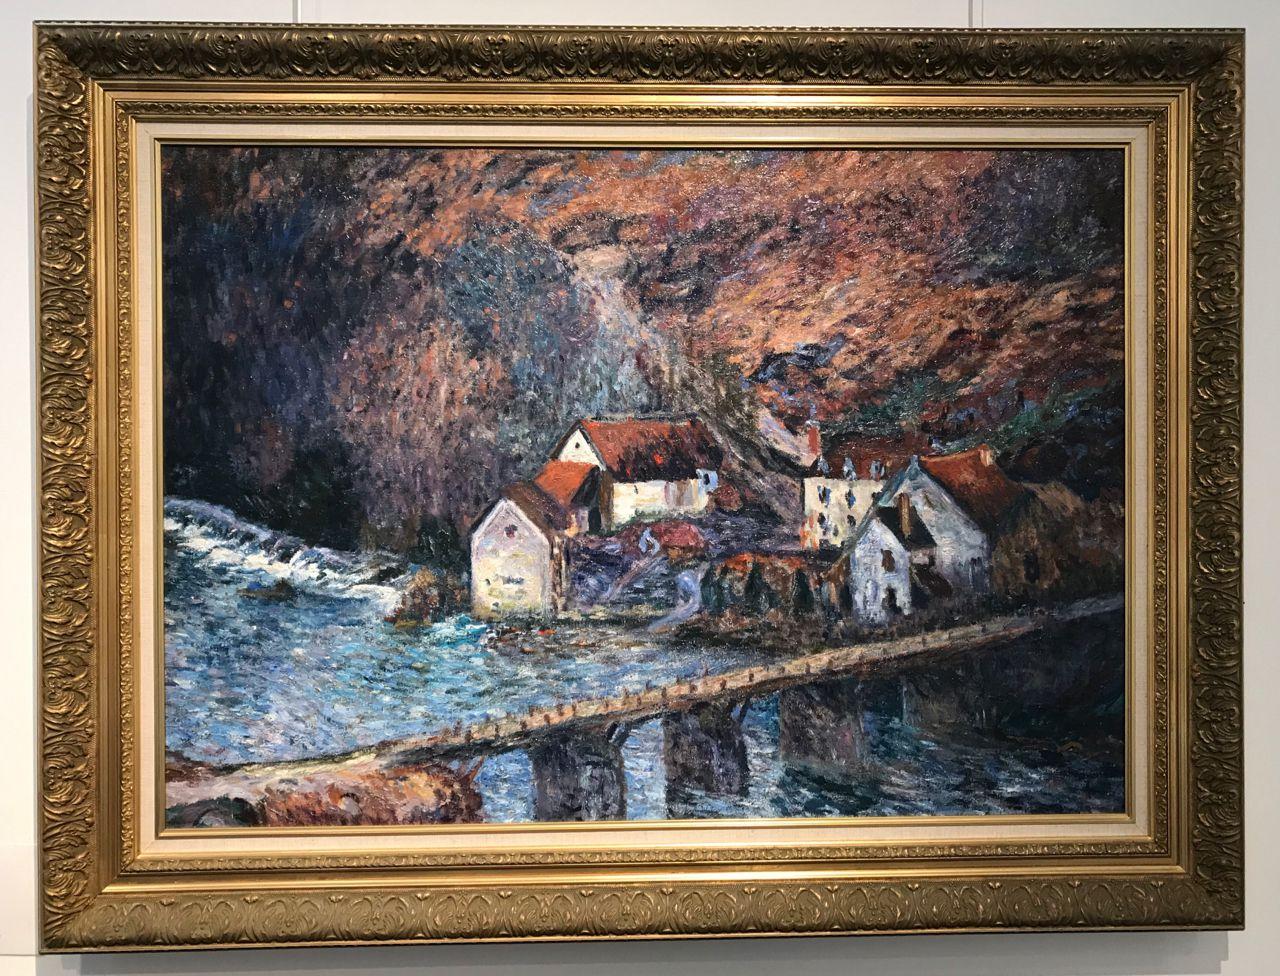 Il avait quand même un certain talent, ce Monet ...